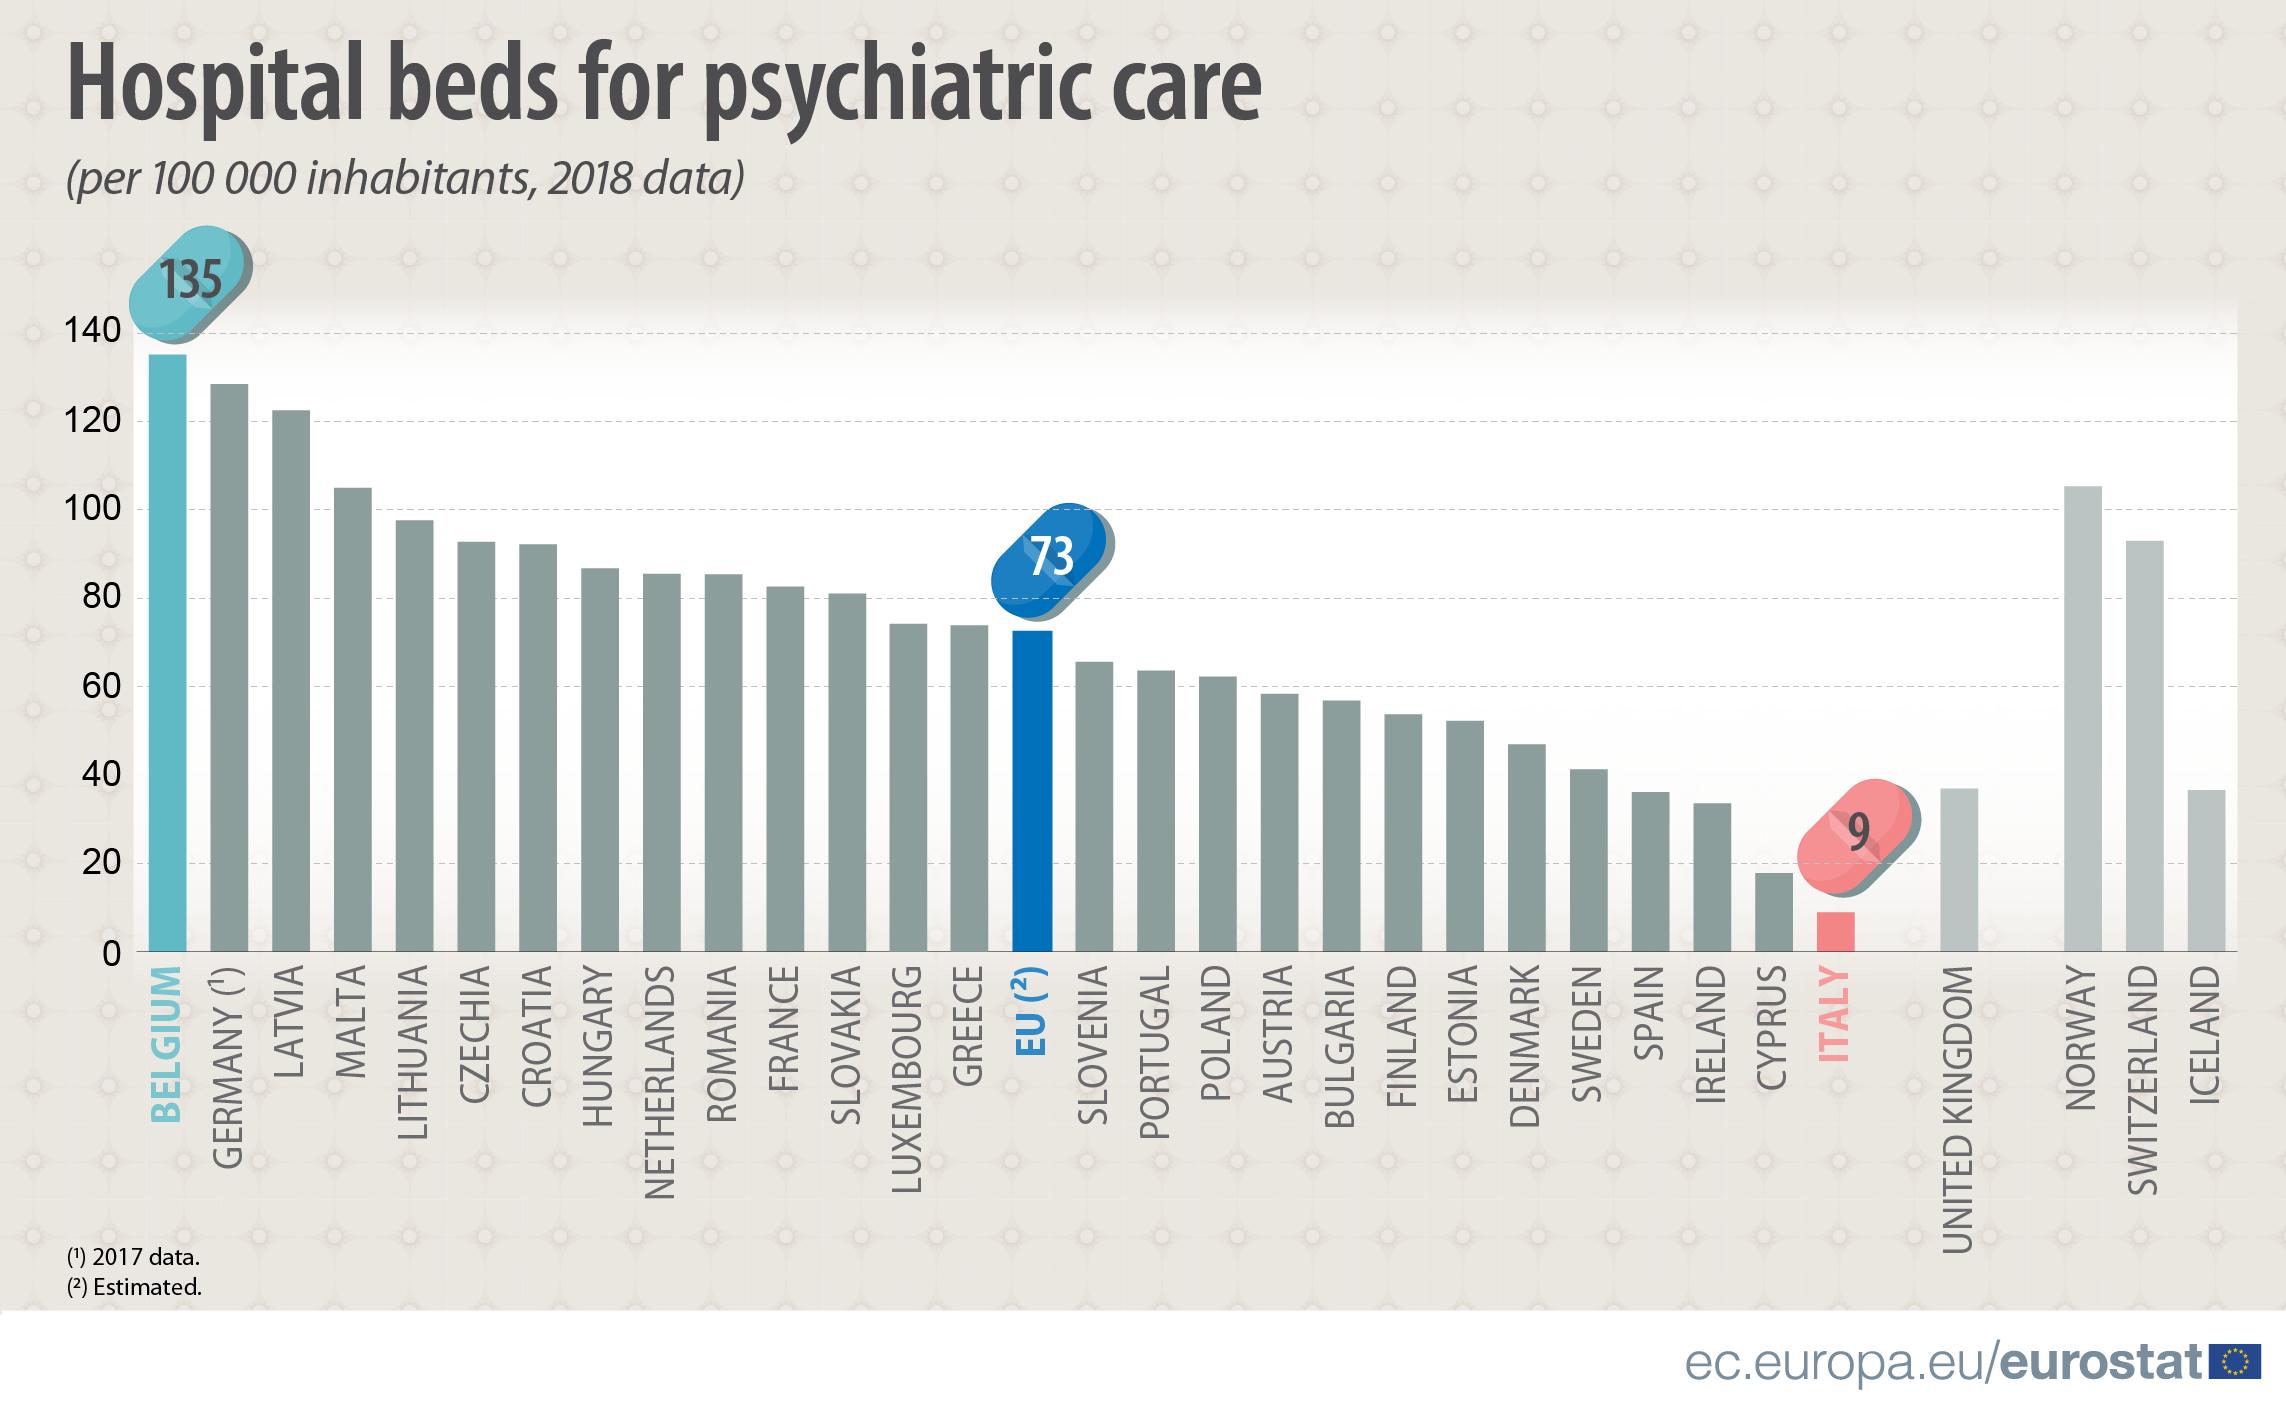 România este peste media UE la numărul de paturi din spitalele de psihiatrie